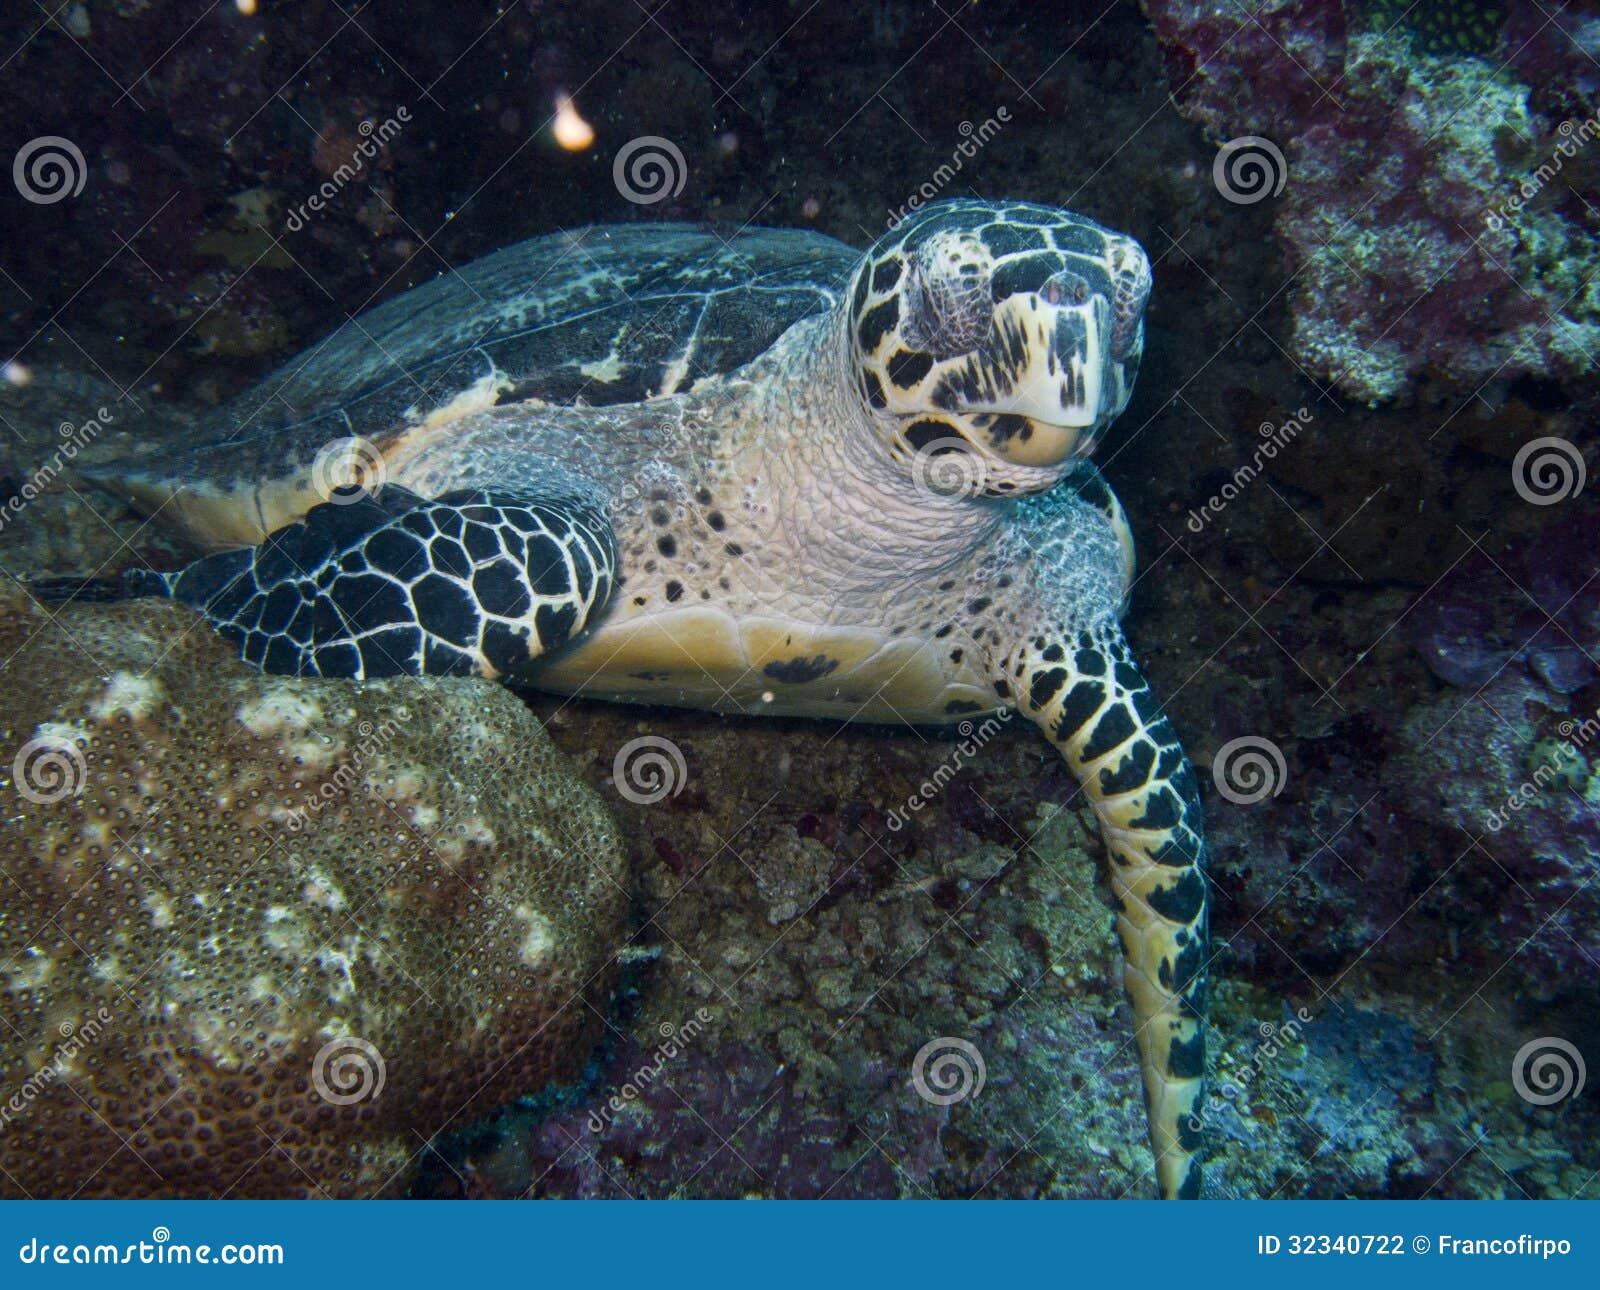 Lars krutak tatu lu tattoos from the dreamtime lars krutak -  4 Green Turtles Superfamily Chelonioidea Marine